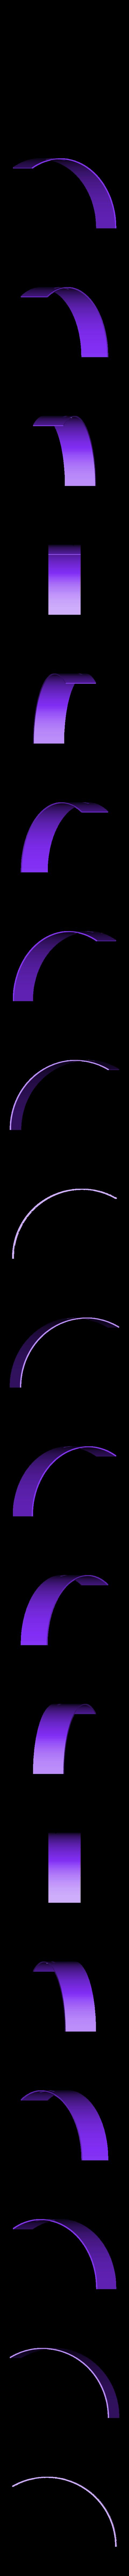 Ring_2.stl Télécharger fichier STL gratuit Aéroglisseur imprimé en 3D • Modèle pour impression 3D, Rusichar